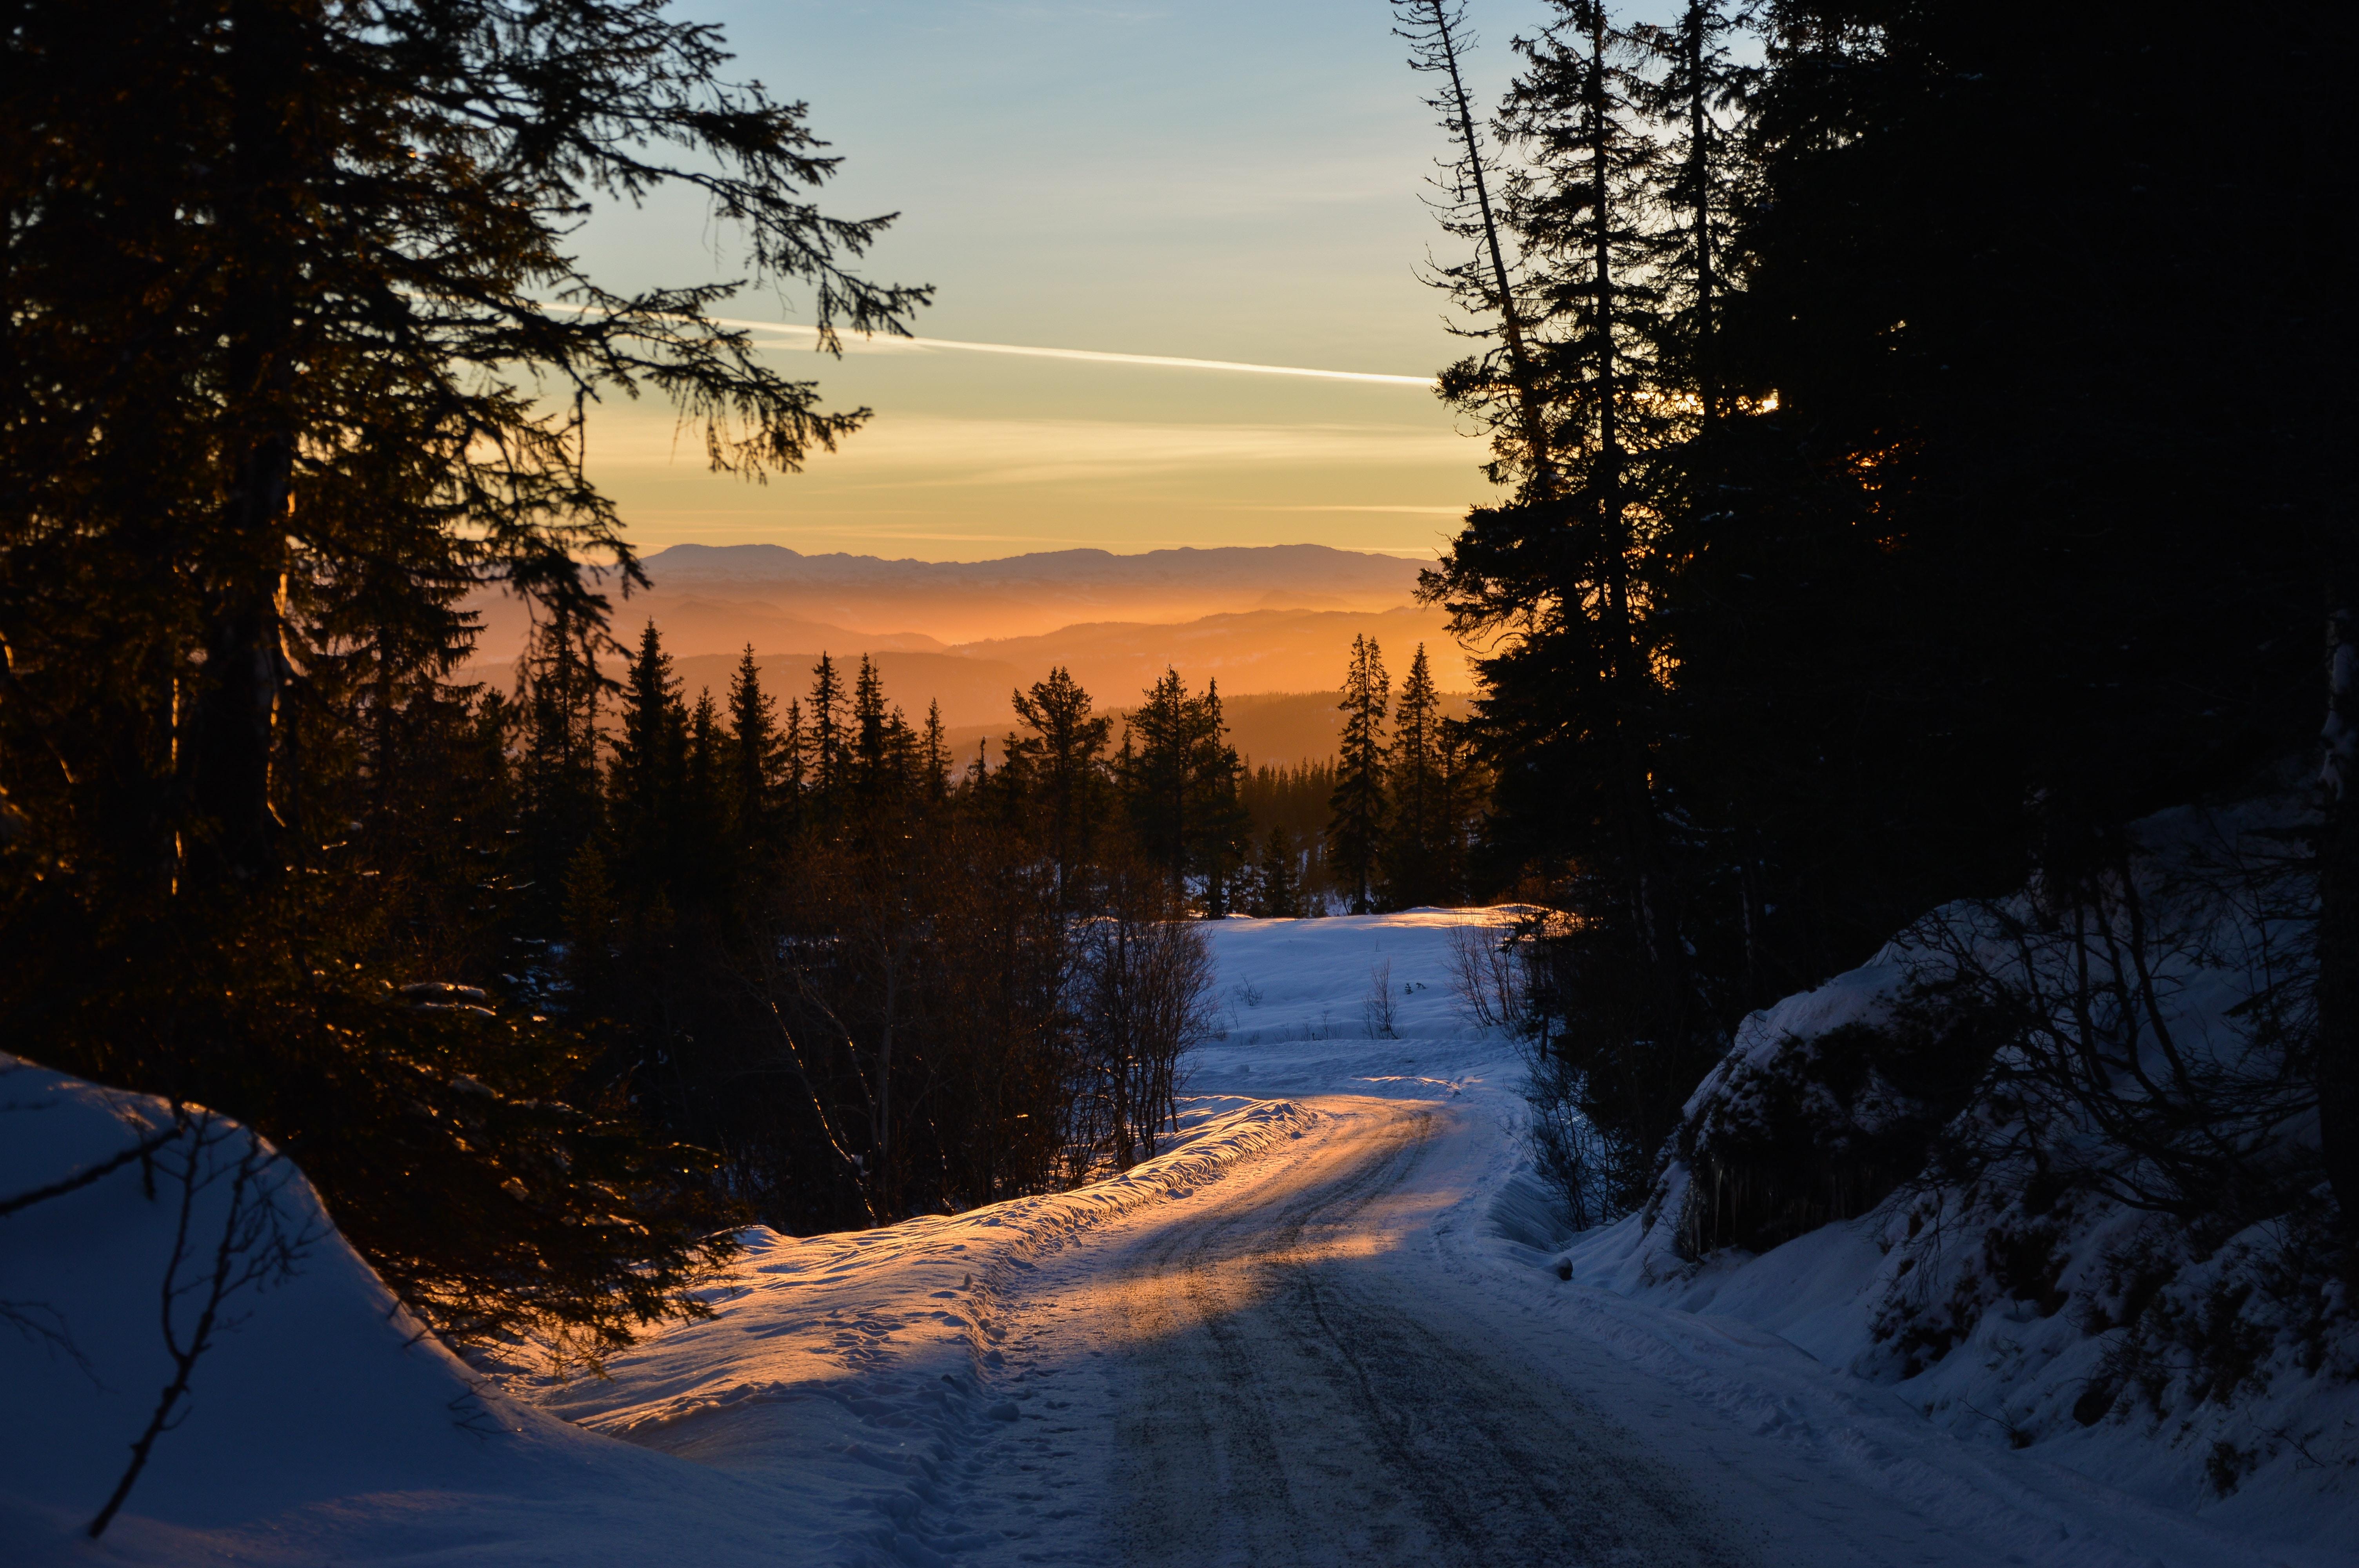 roadway leading to snowy field